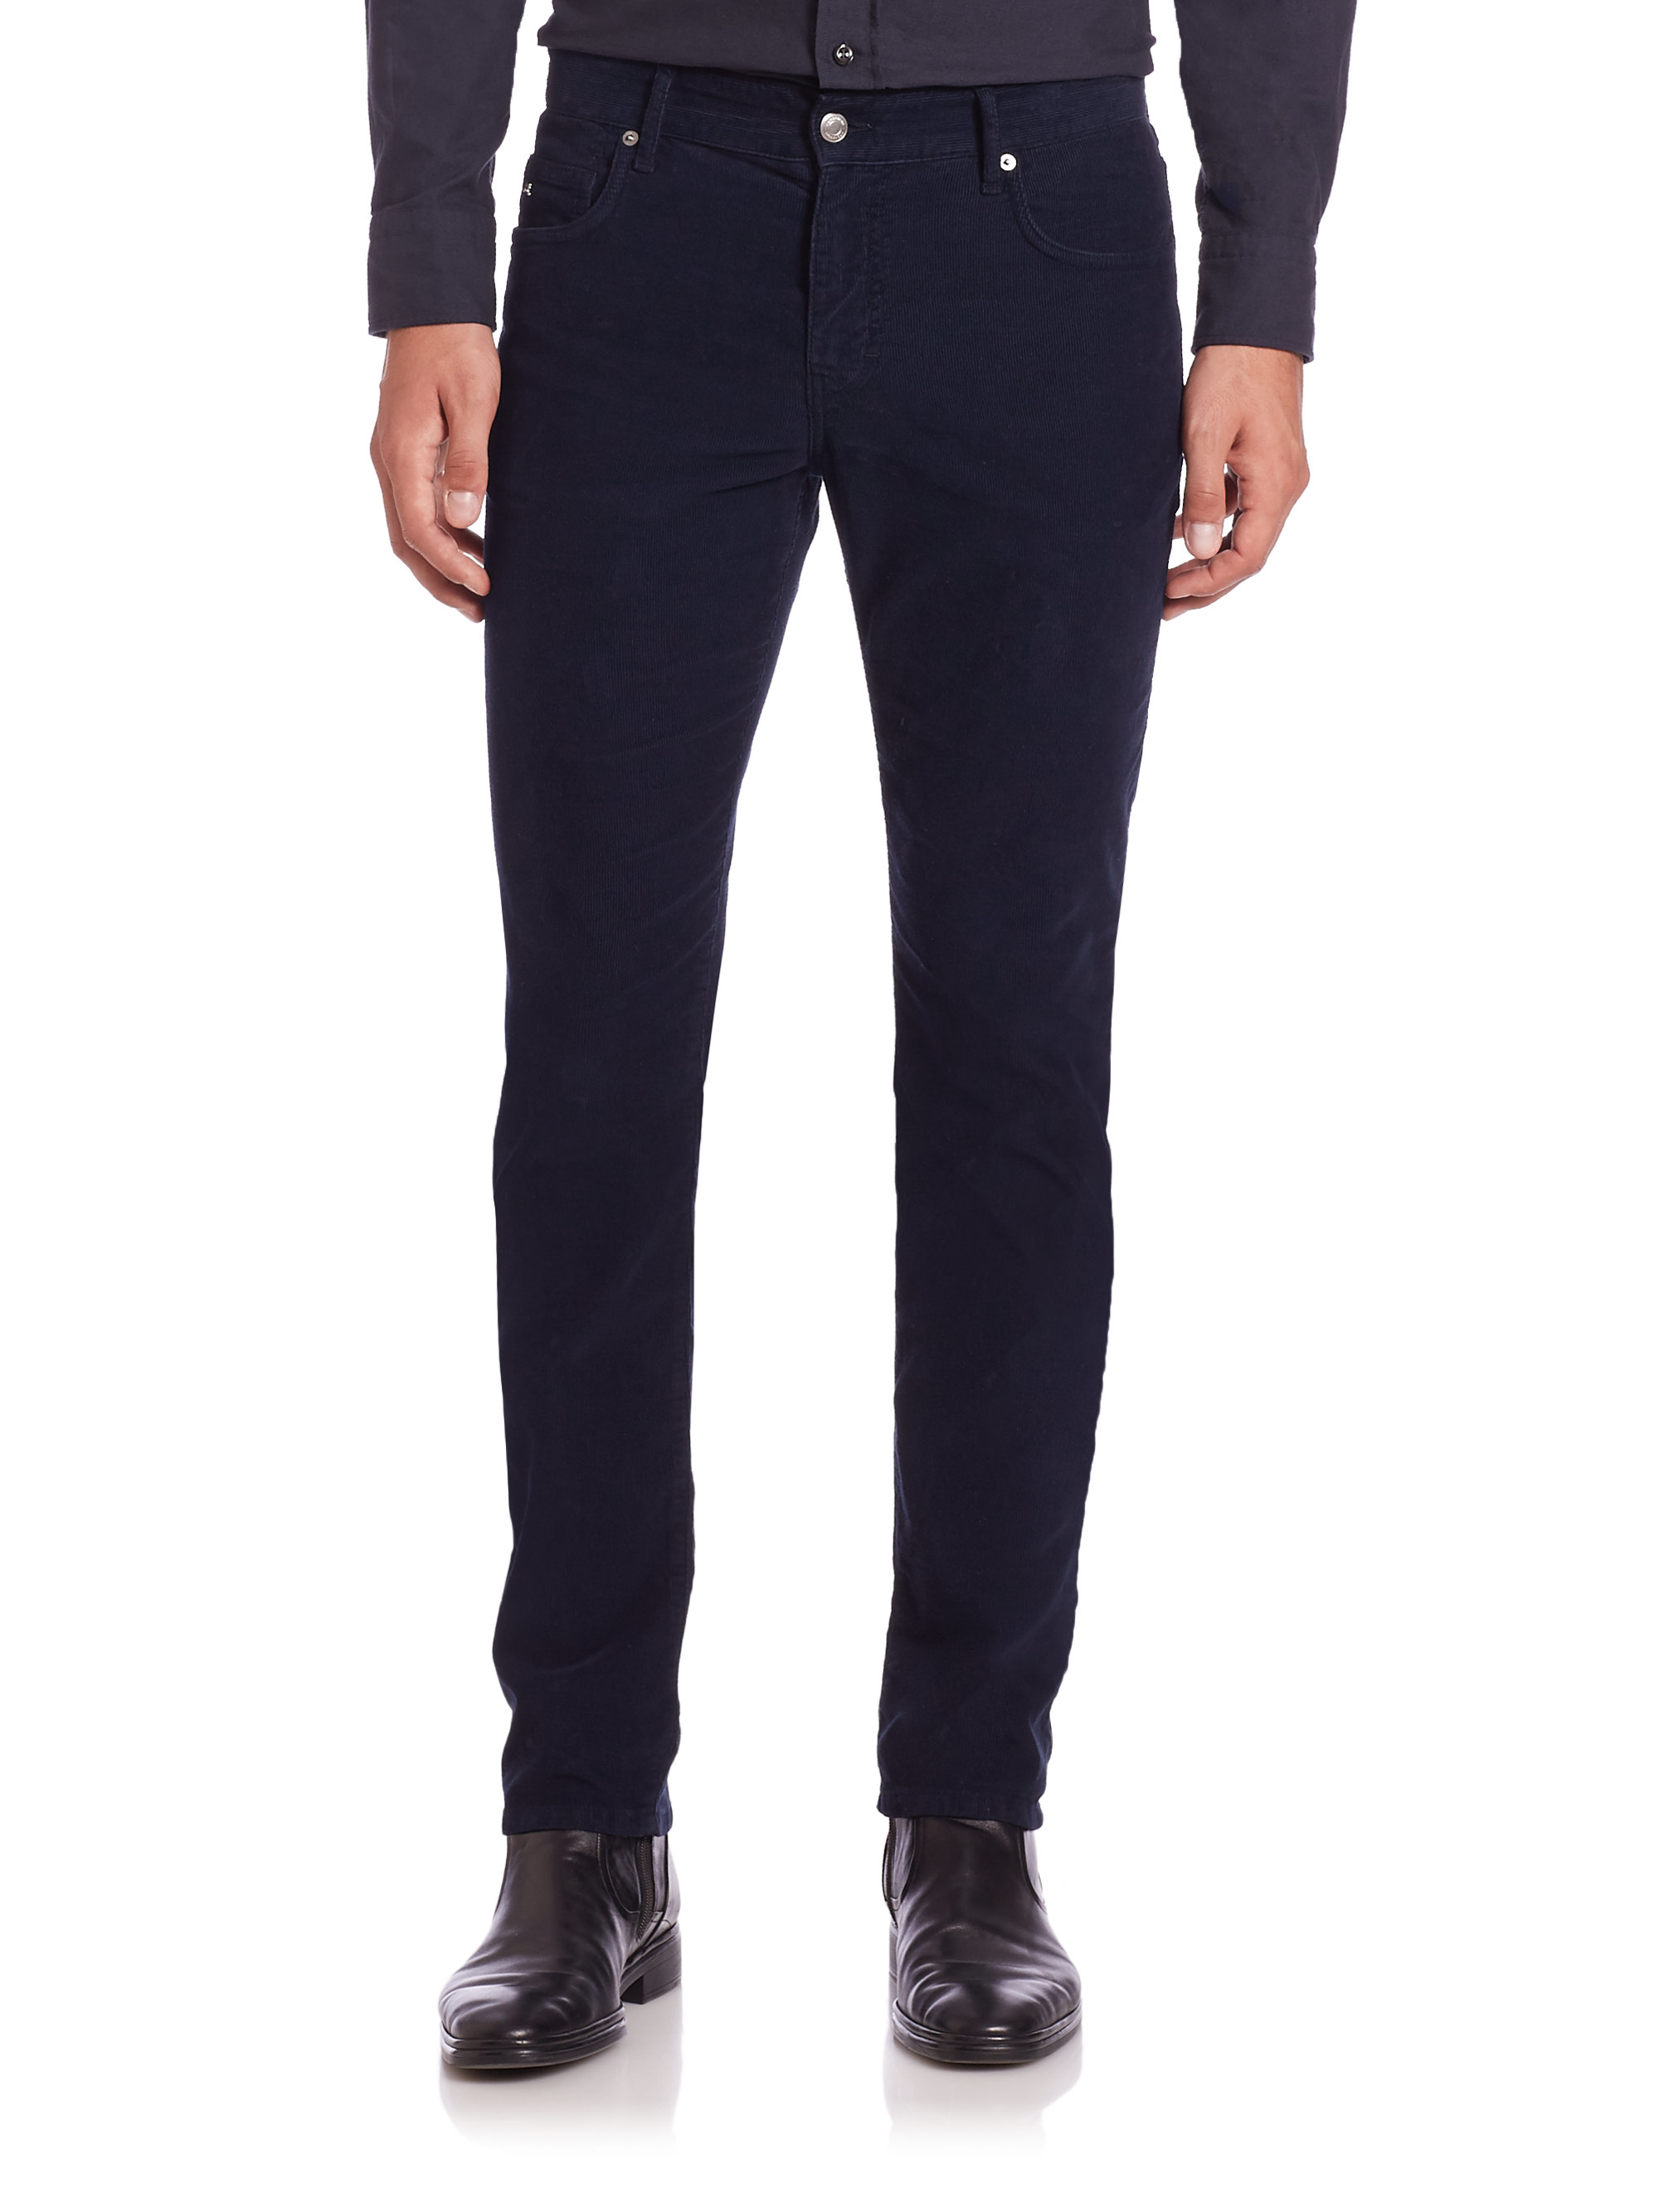 j lindeberg jeans